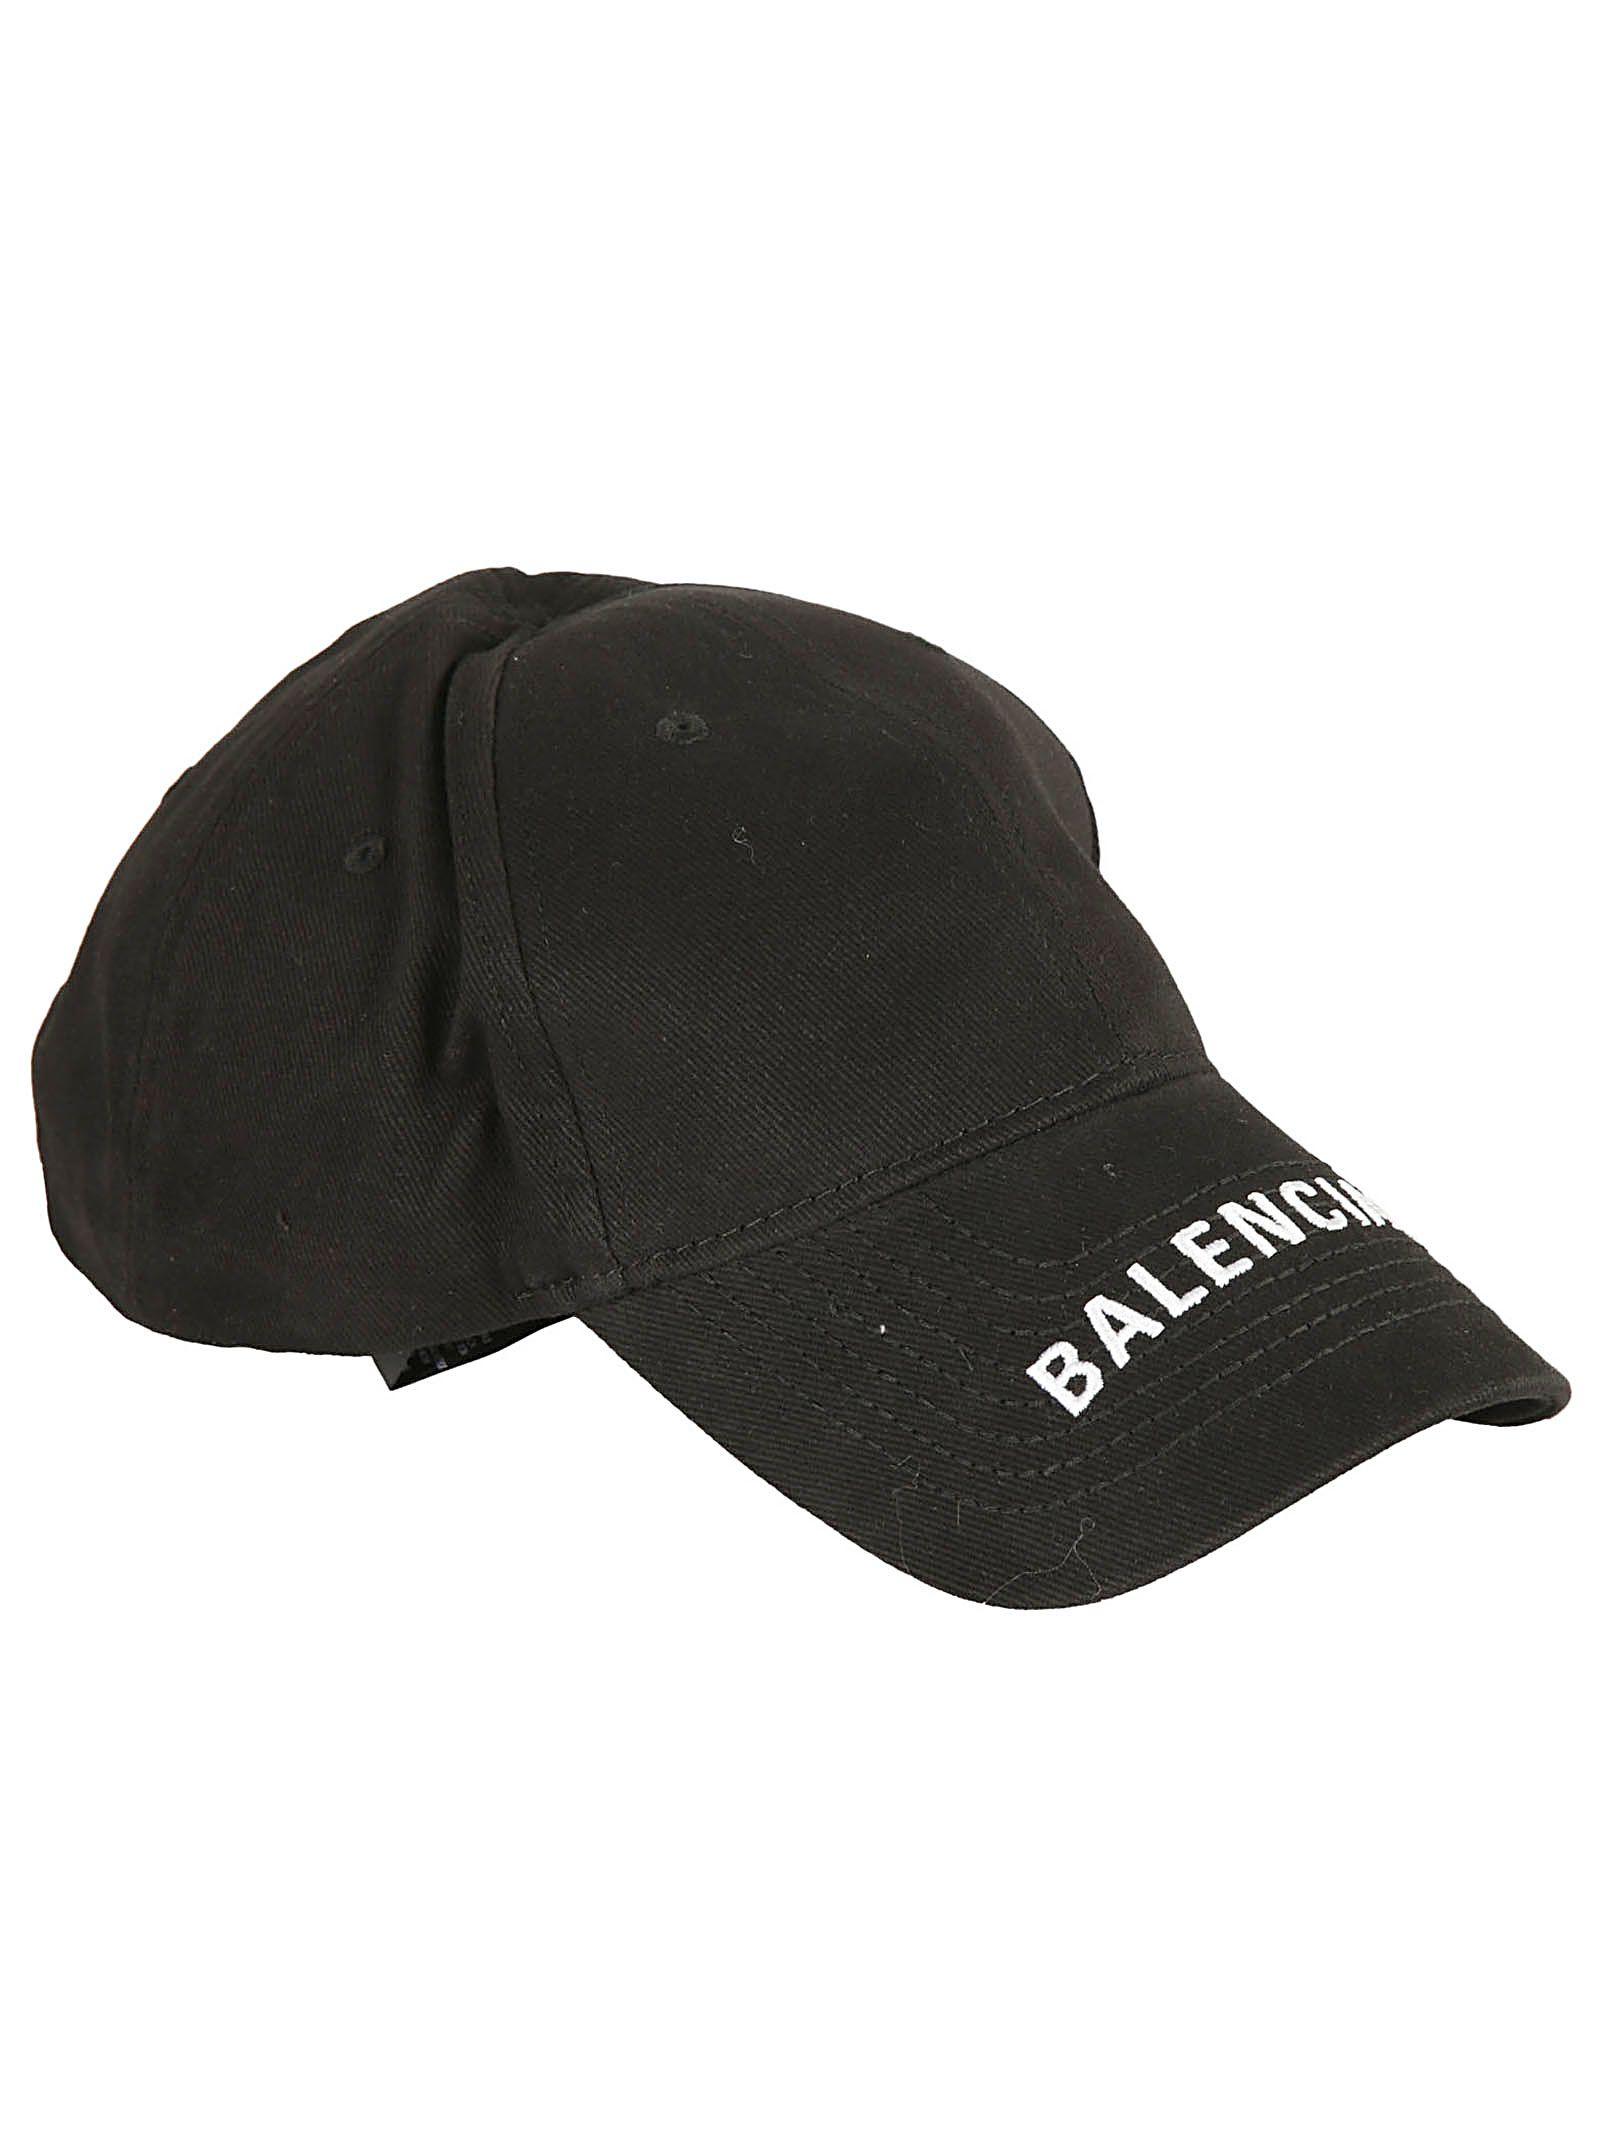 Balenciaga Balenciaga Logo Cap - Black White - 10828109  a9b084a7717